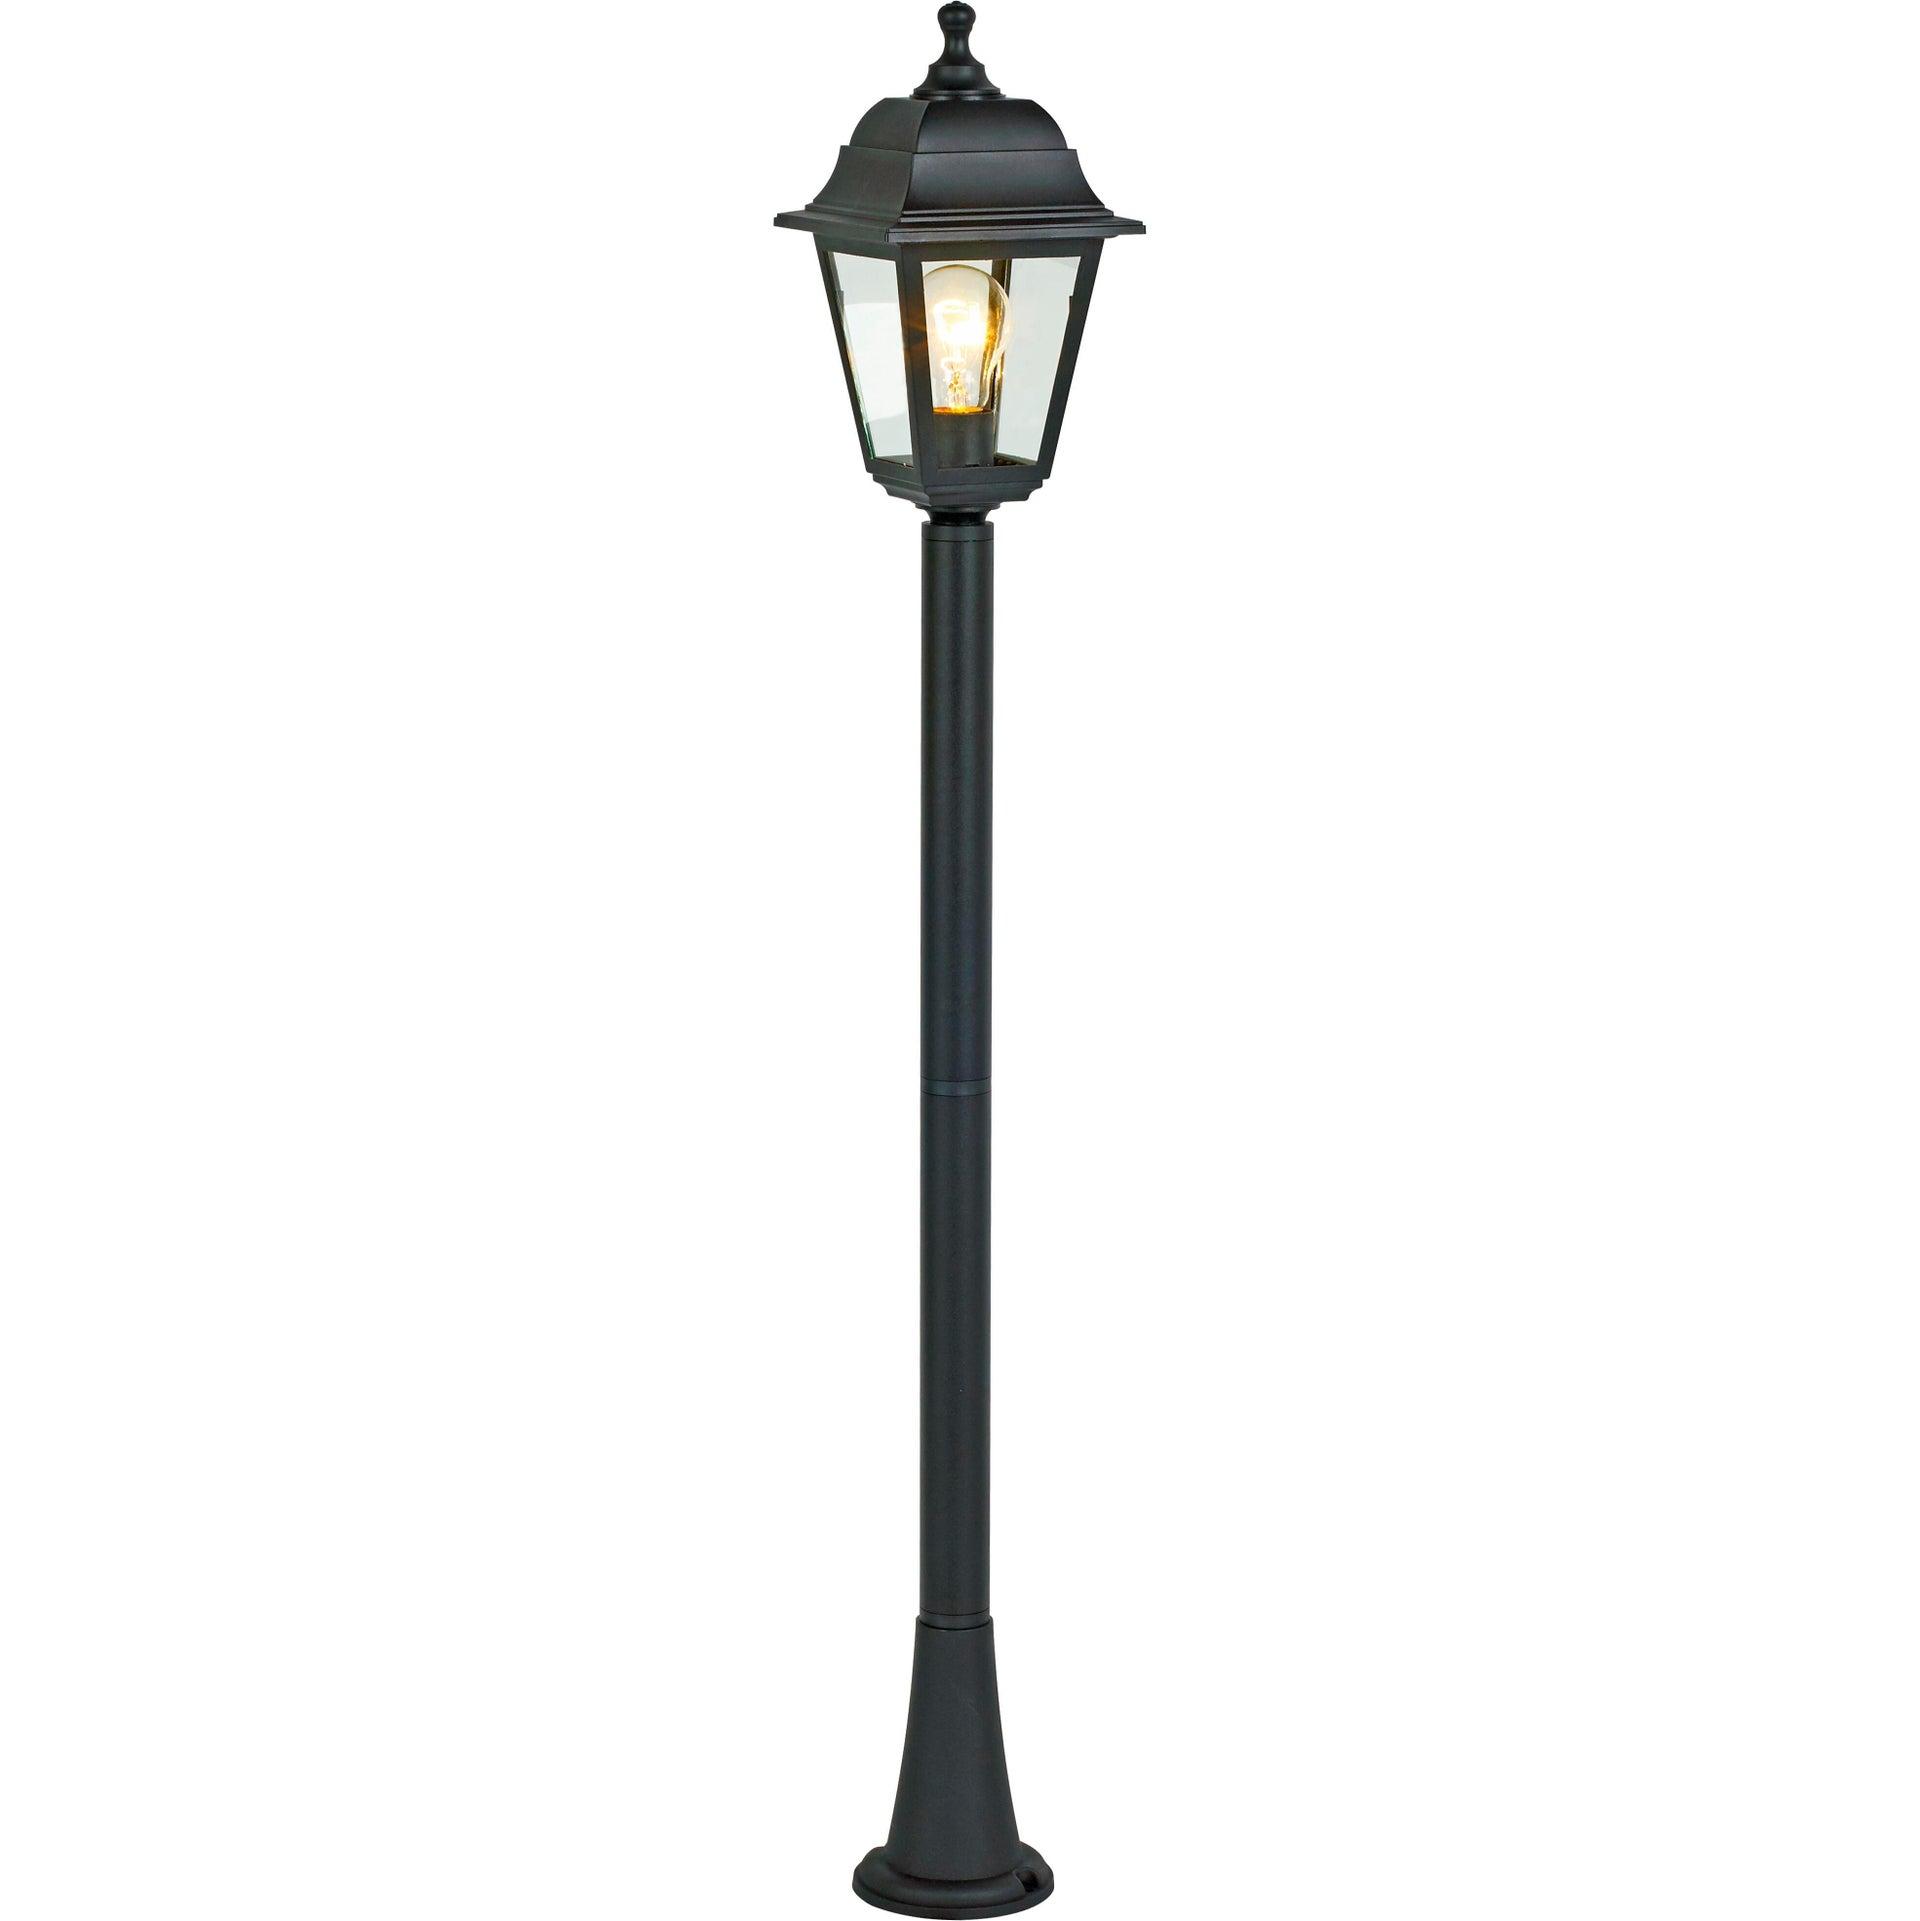 Lampione senza fonte luminosa Sima H15.4 cm in plastica, nero, E27 1x MAX 60W IP44 - 4